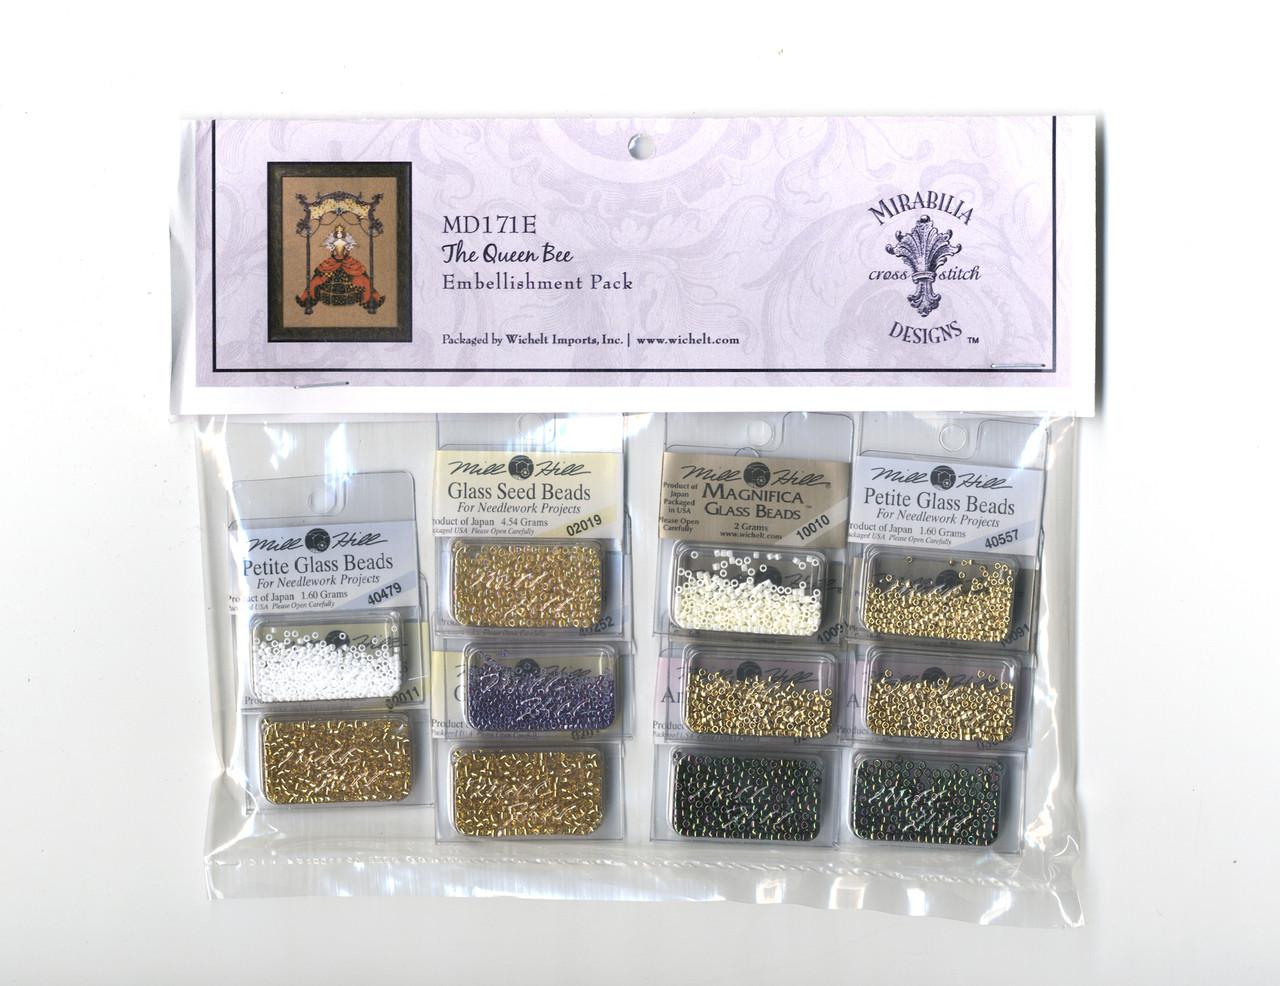 Mirabilia Embellishment Pack - The Queen Bee